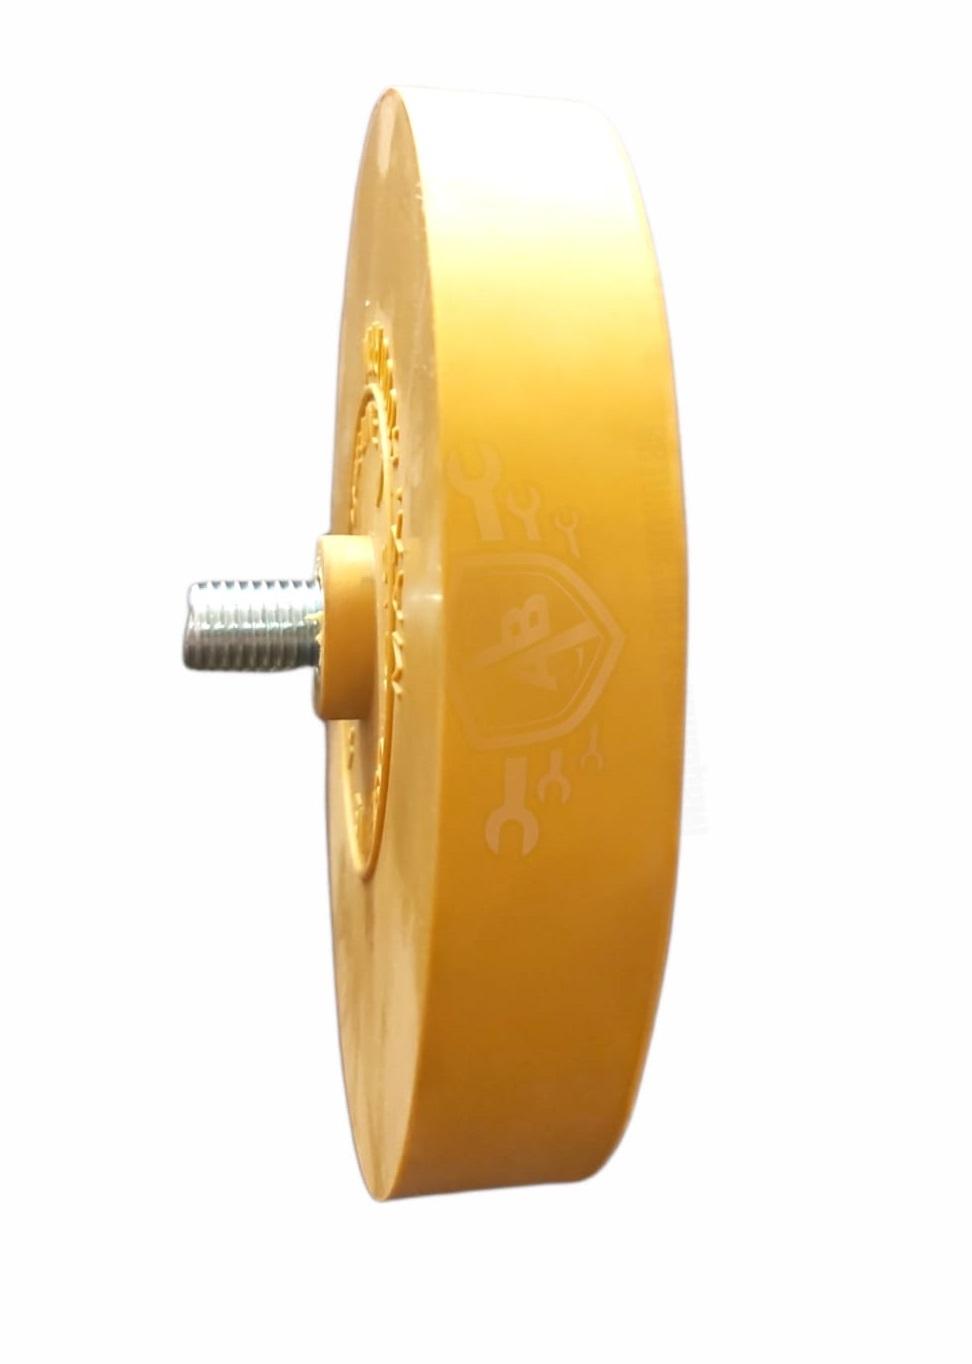 Roda Disco Removedor de Adesivos com Haste 1/4 Pol. - INDASA-ERASER-23432-7